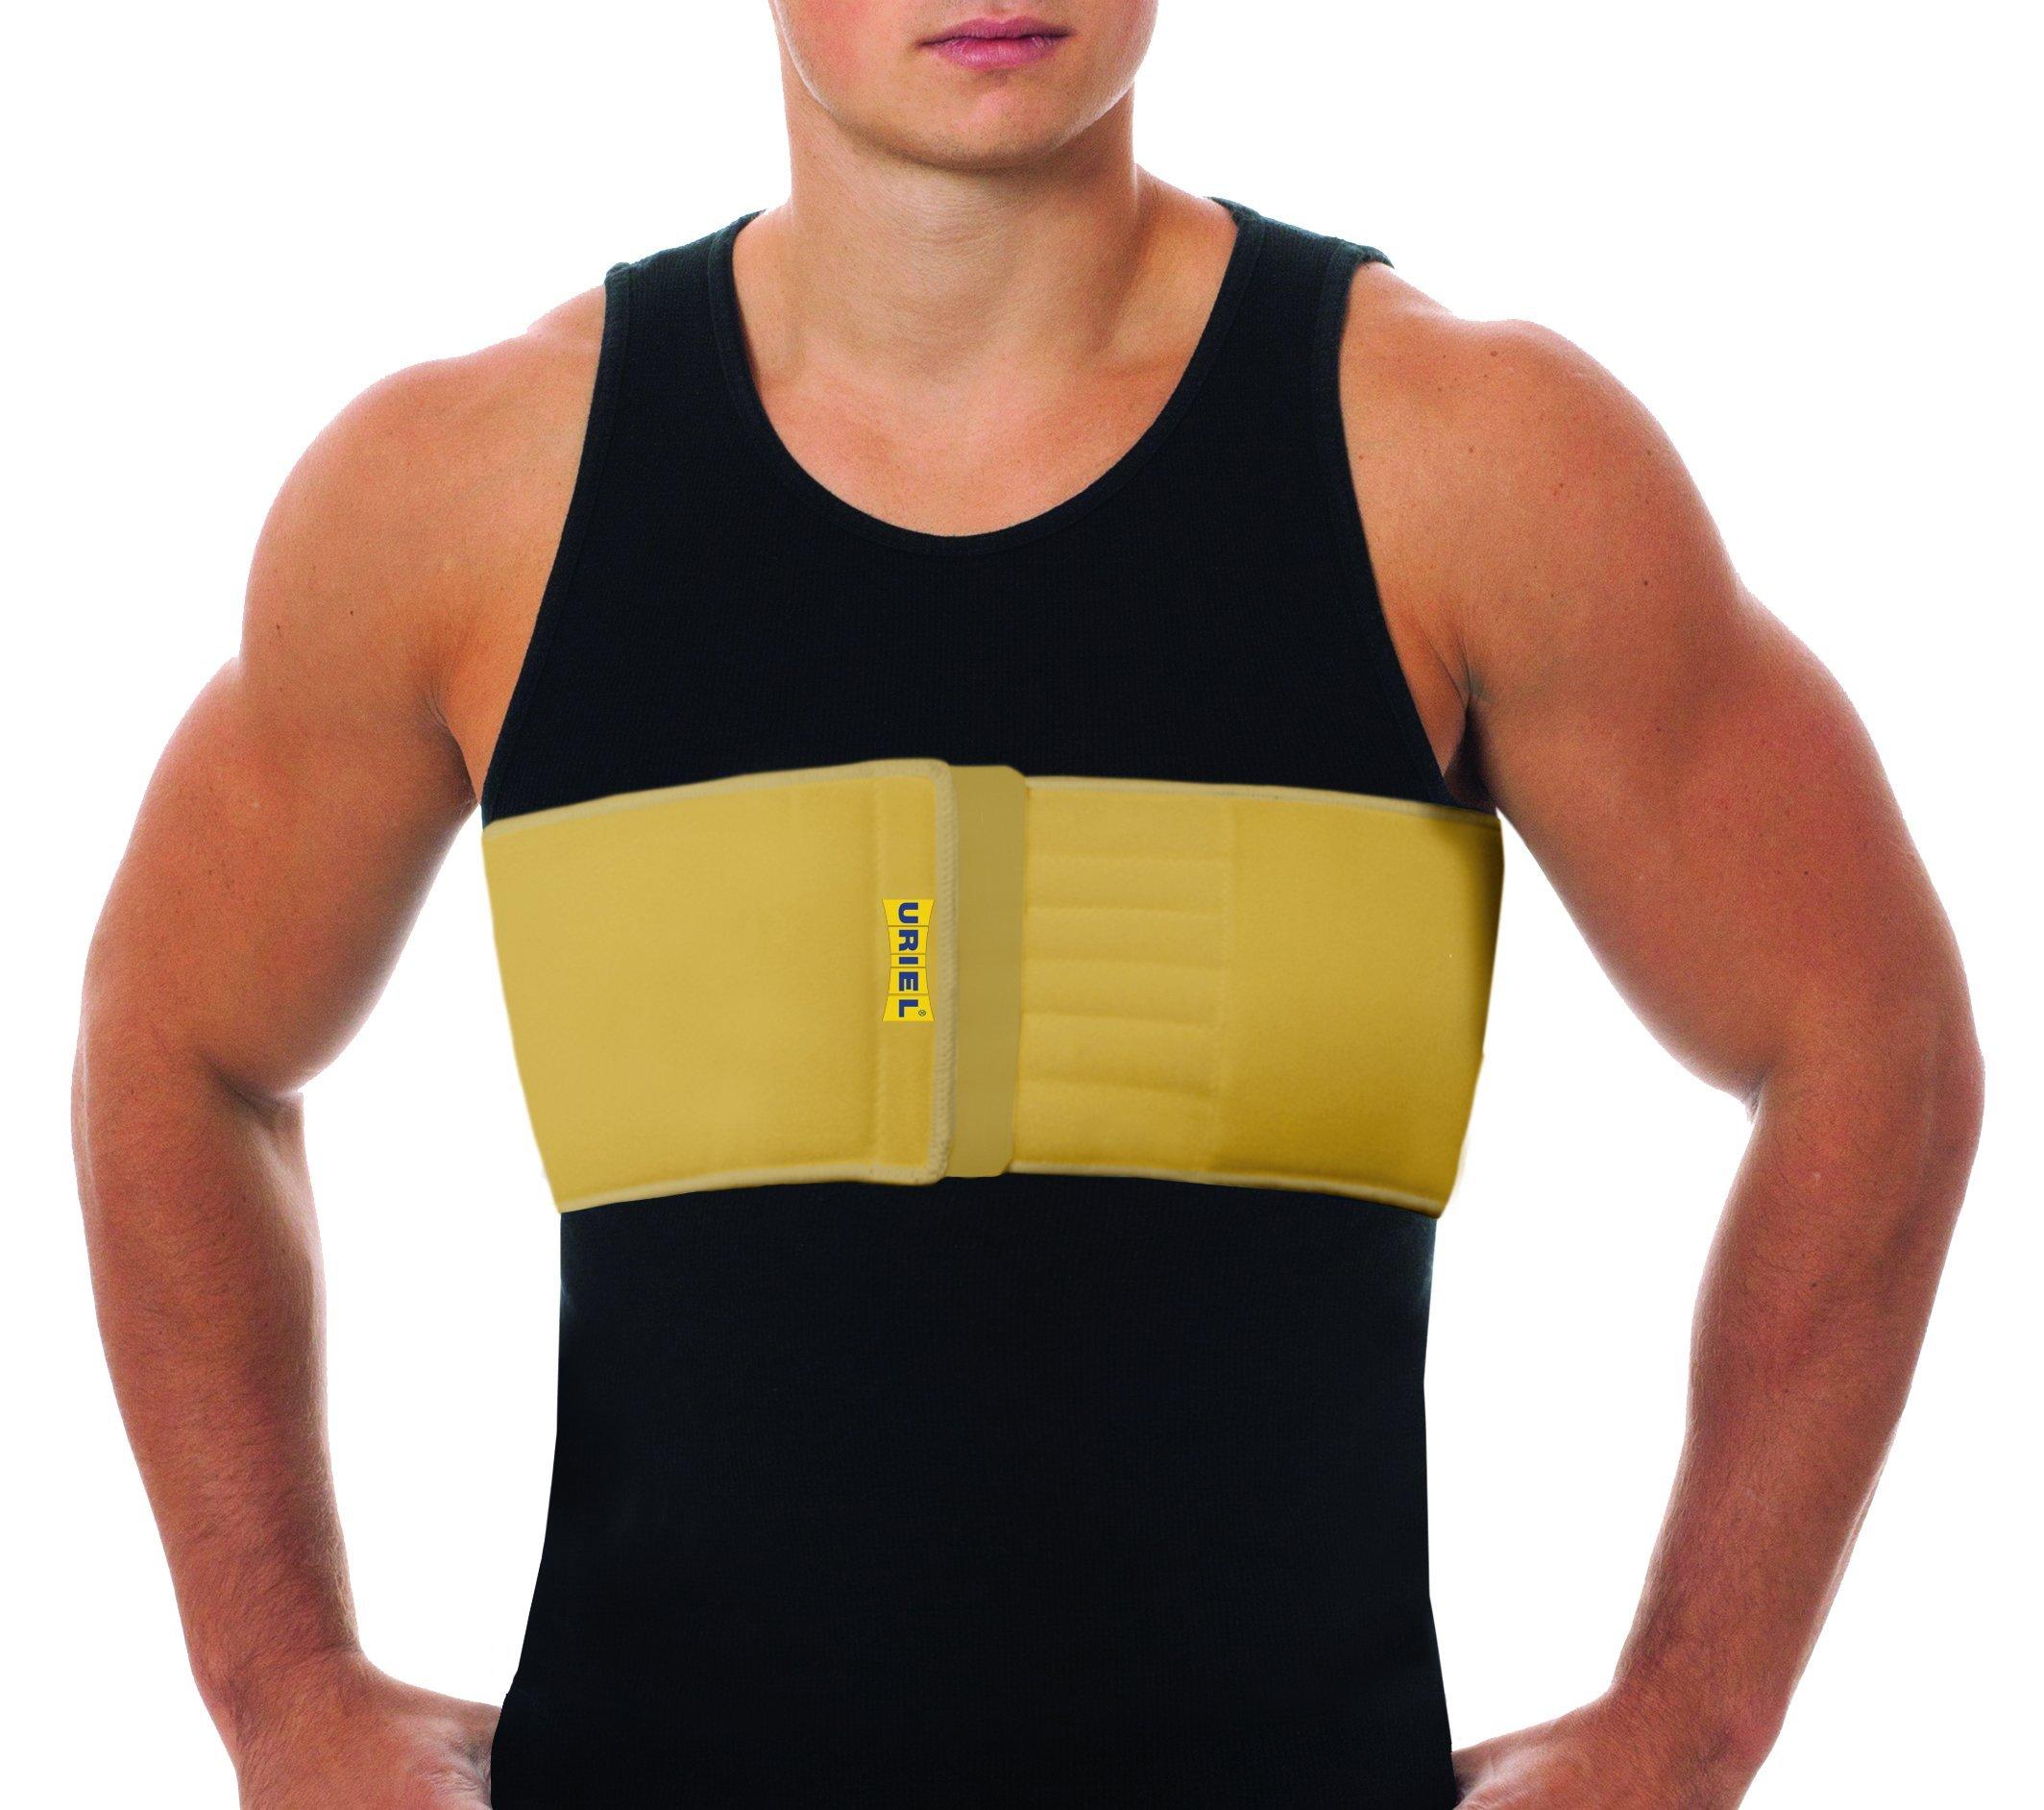 Meditex 6 Men's Rib Belt - Medium by Uriel